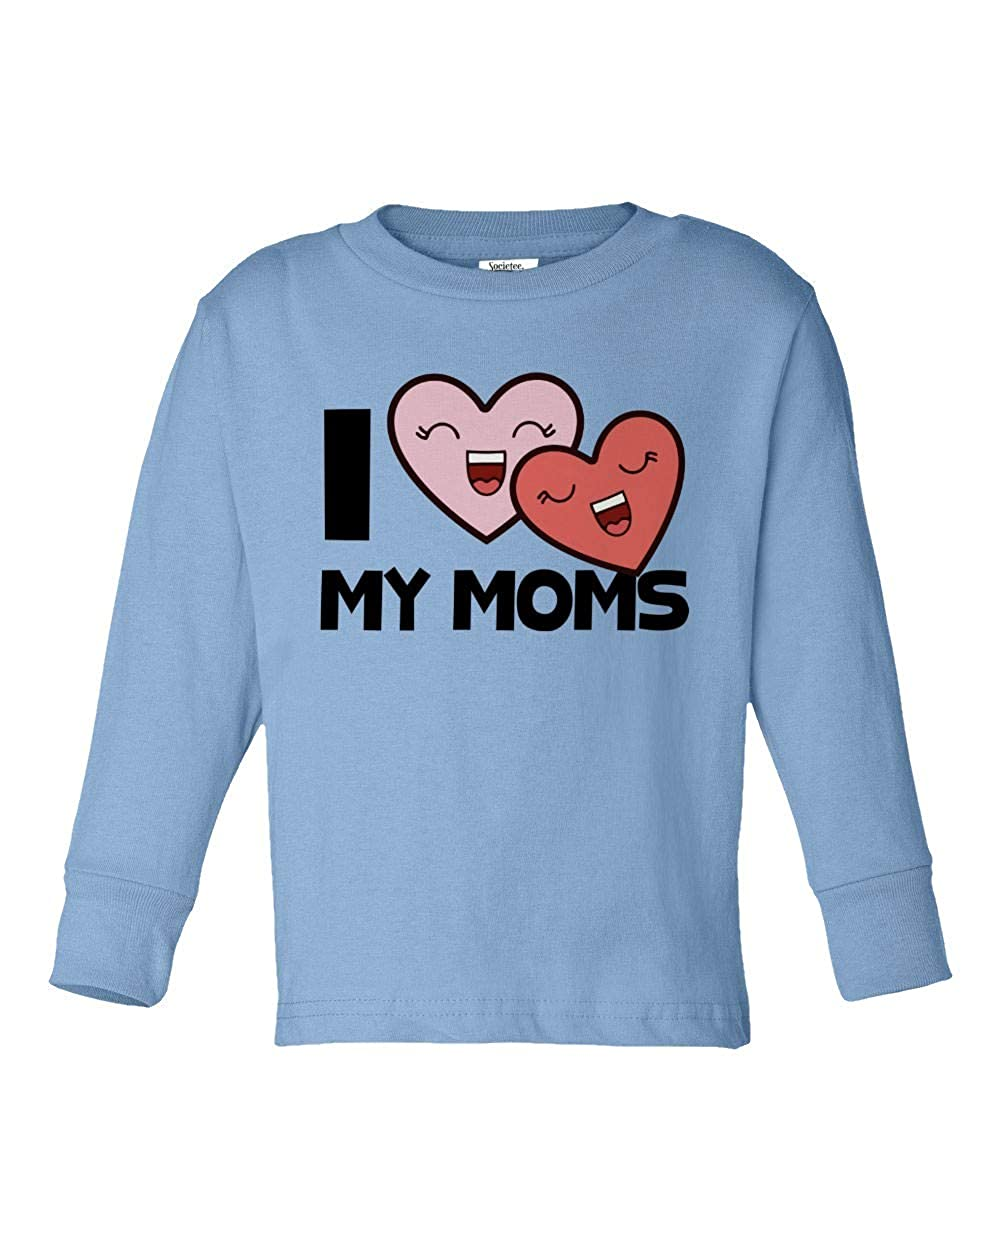 Societee I Love My Moms Girls Boys Toddler Long Sleeve T-Shirt